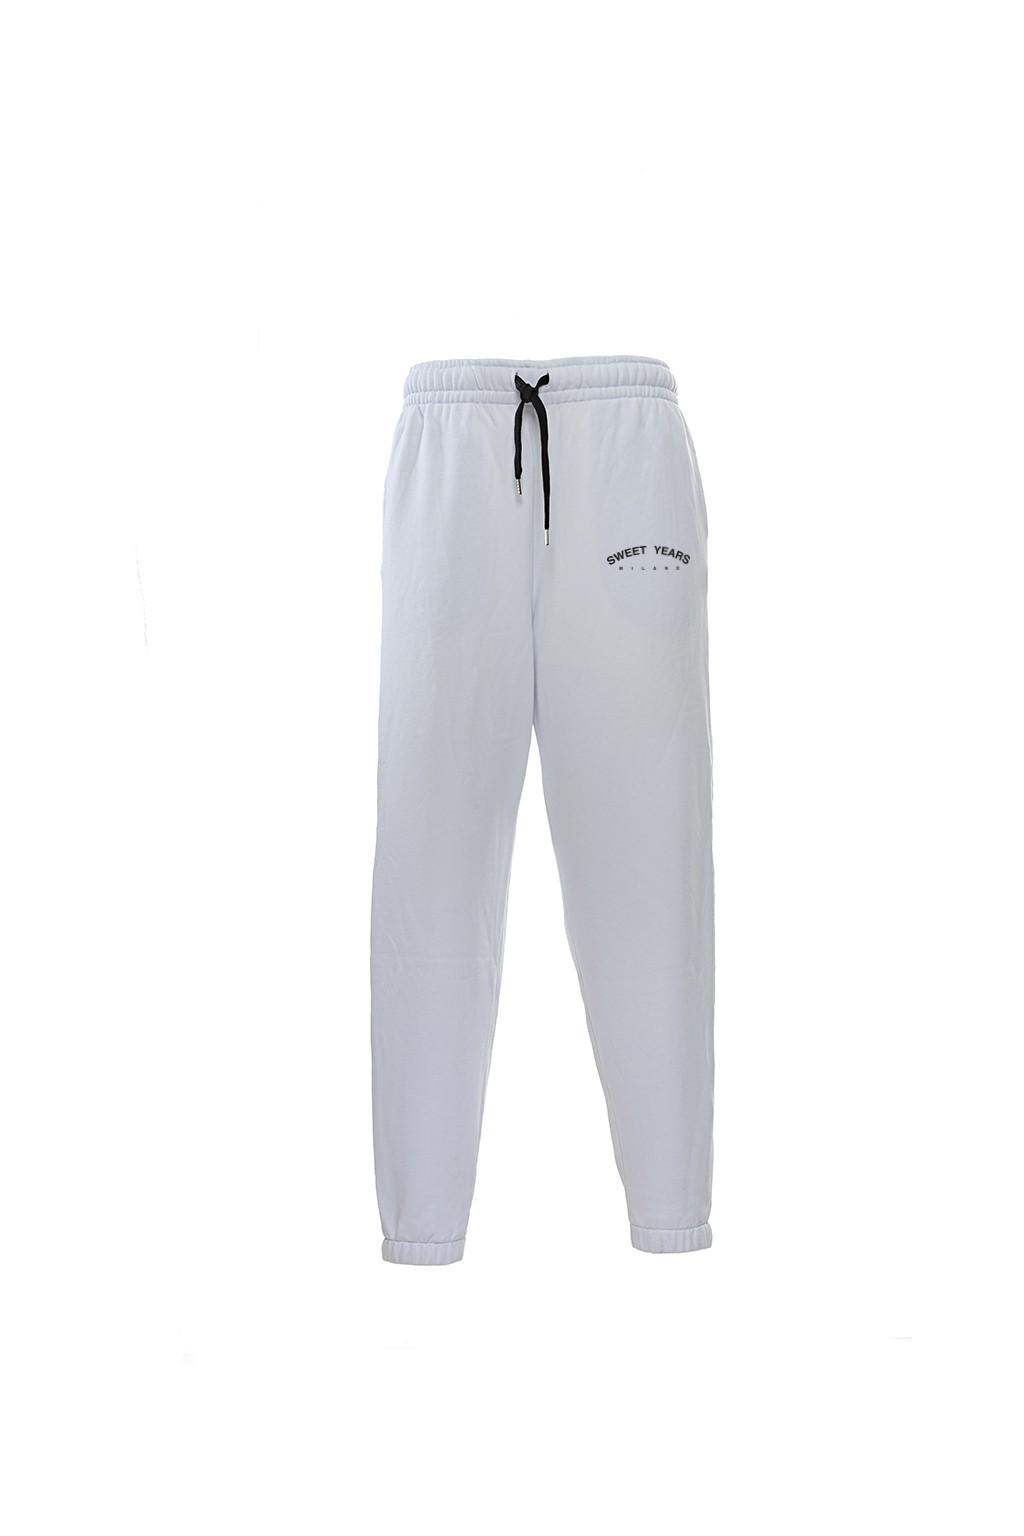 Pantaloni in felpa di cotone bianco con interno garzato Sweet Years Milano con piccola stampa.